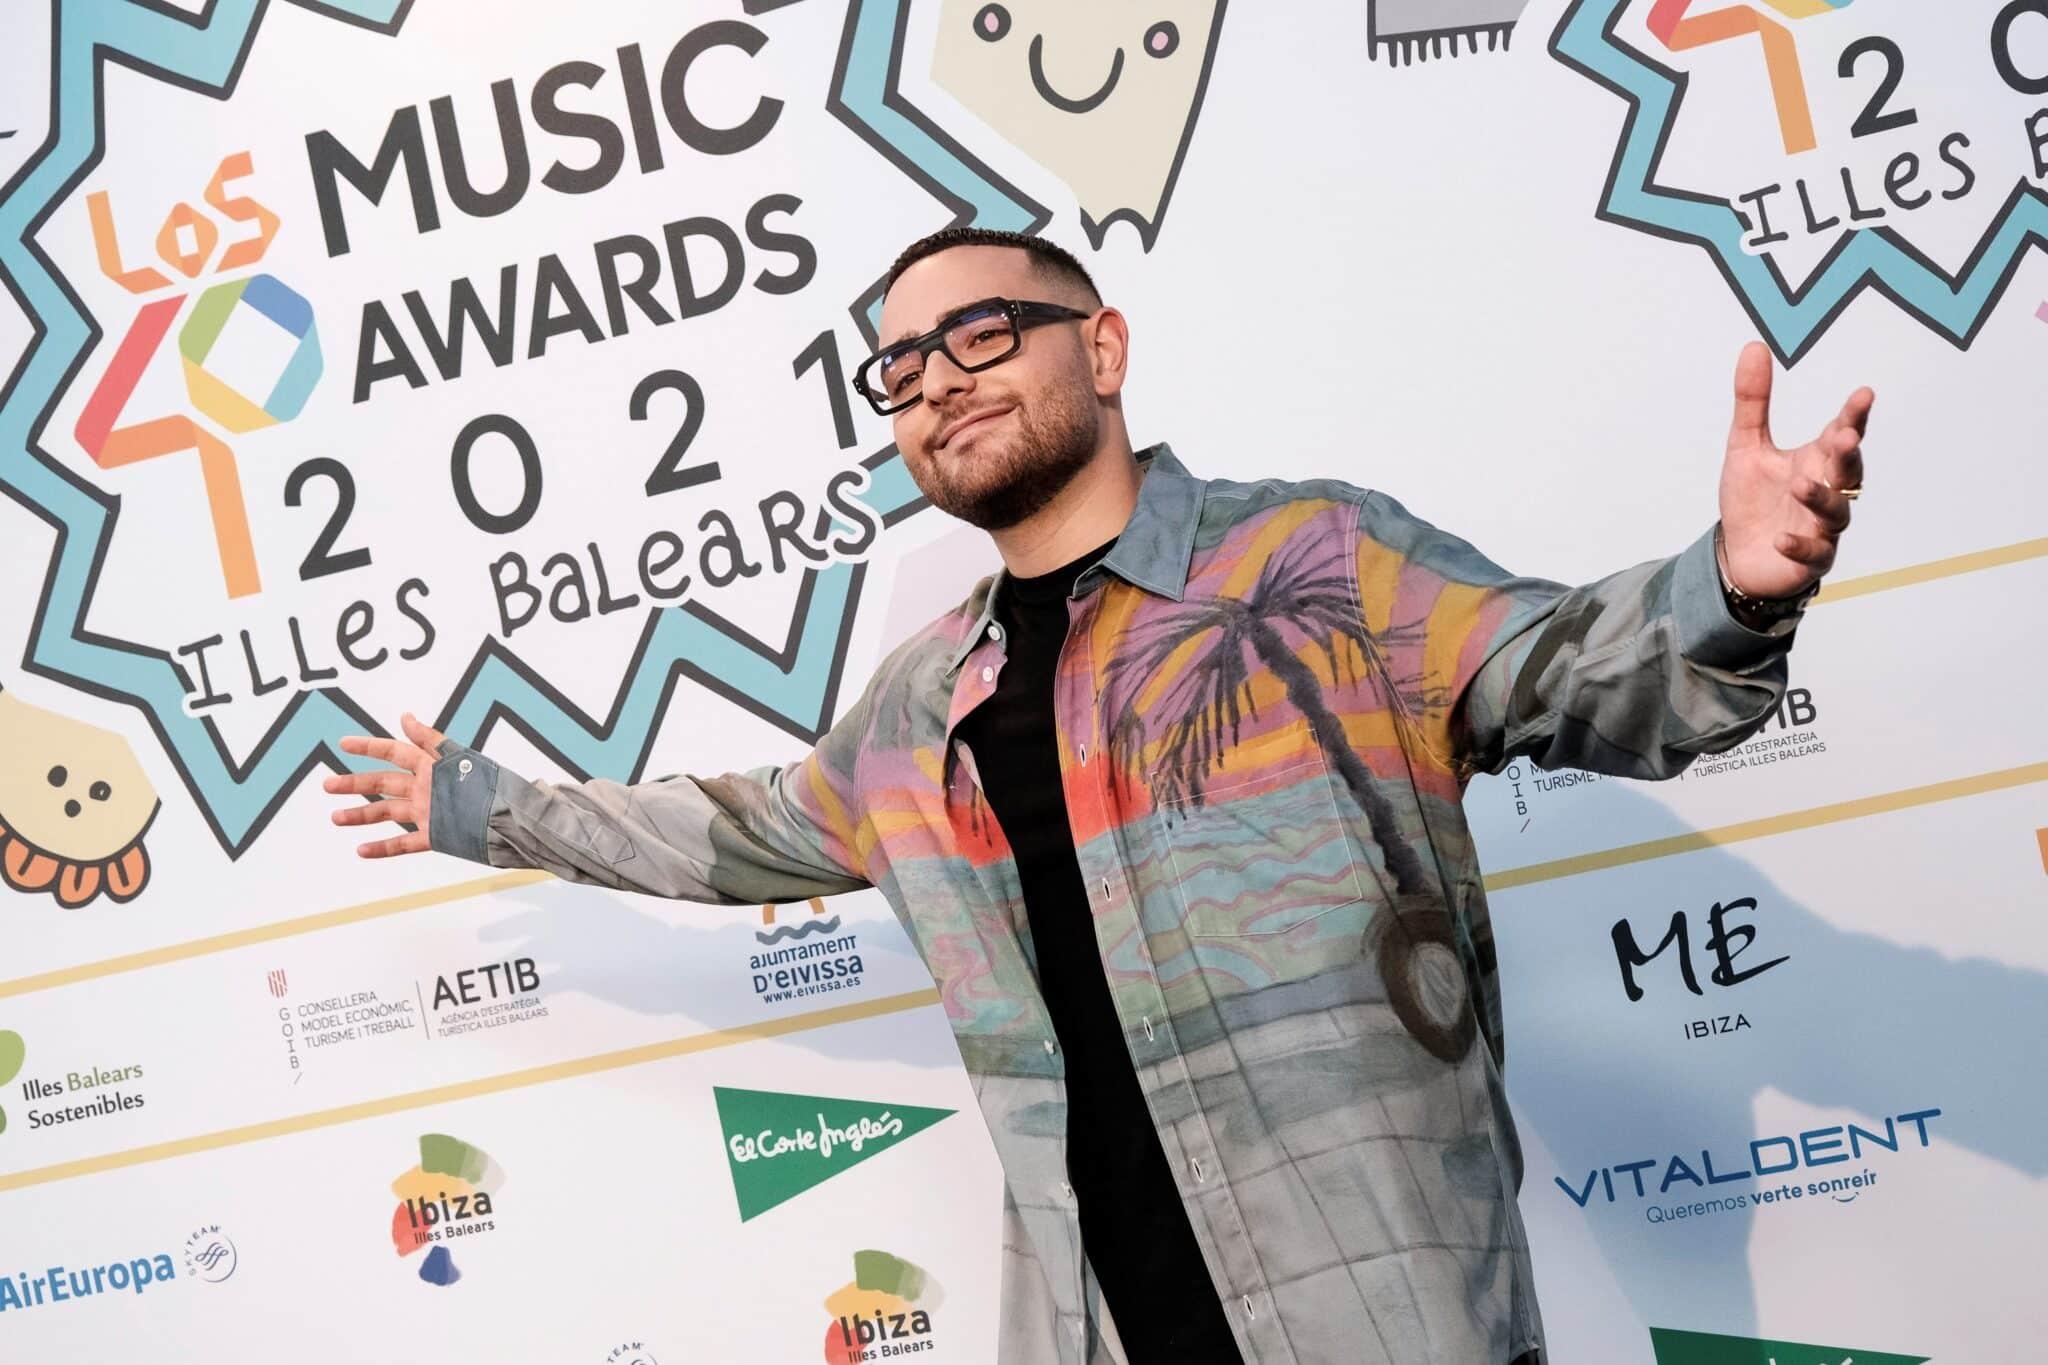 El rapero italiano Rocco Hunt. en la cena de nominados de Los 40 Music Awards